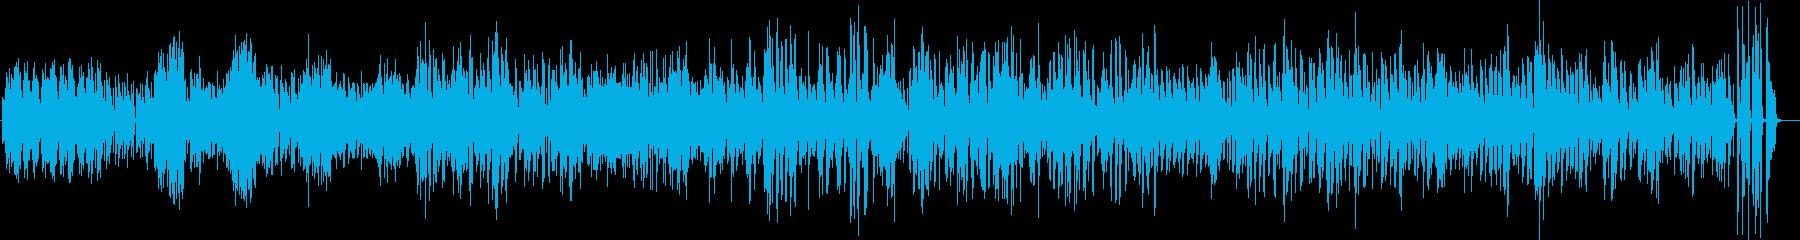 陽気な気分♪ハワイアントロンボーン生演奏の再生済みの波形